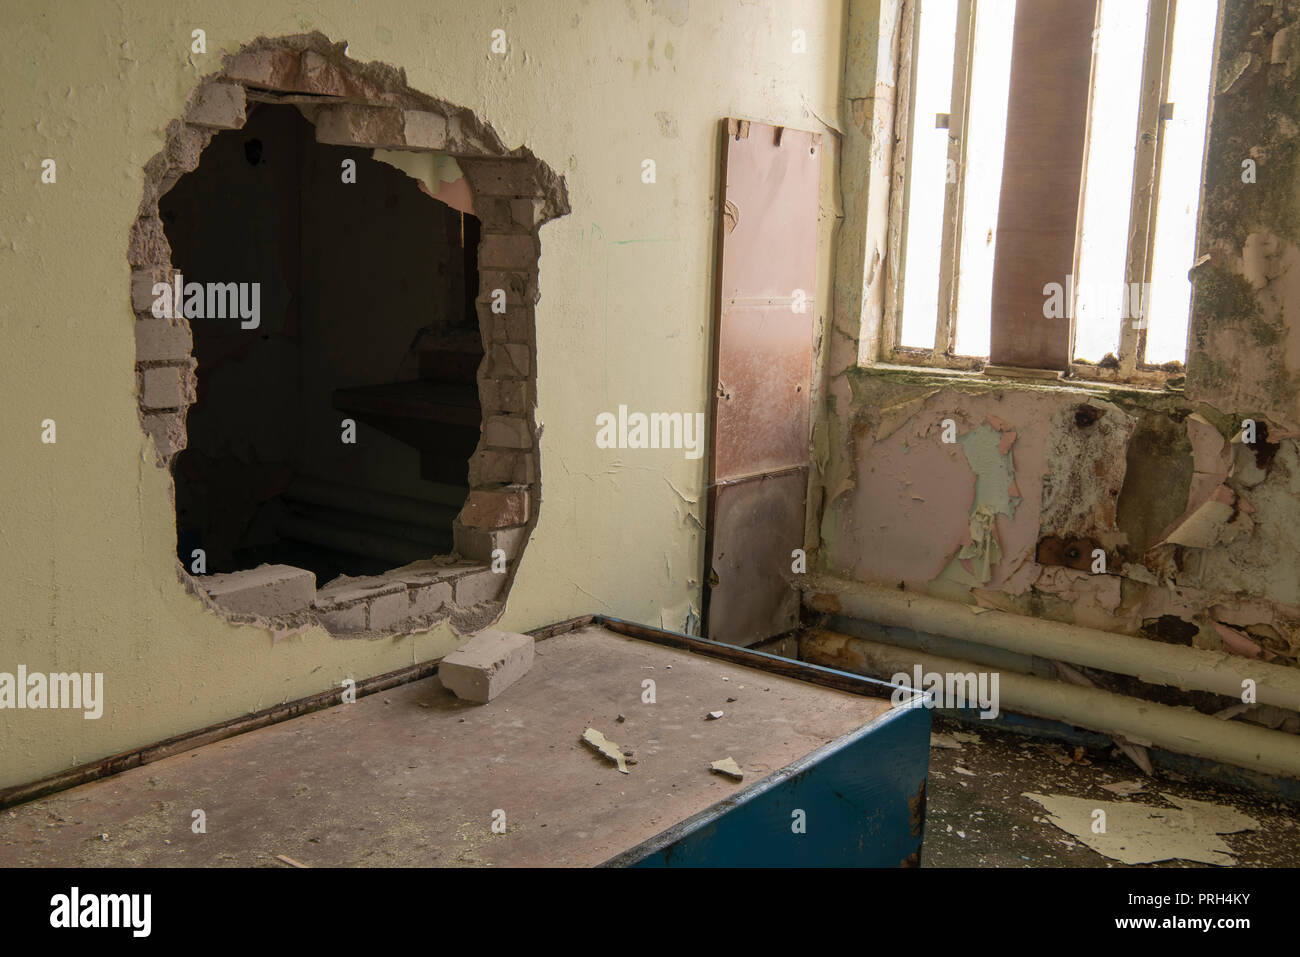 El agujero perforado a través de la pared de la celda de una prisión para una escapada. Foto de stock